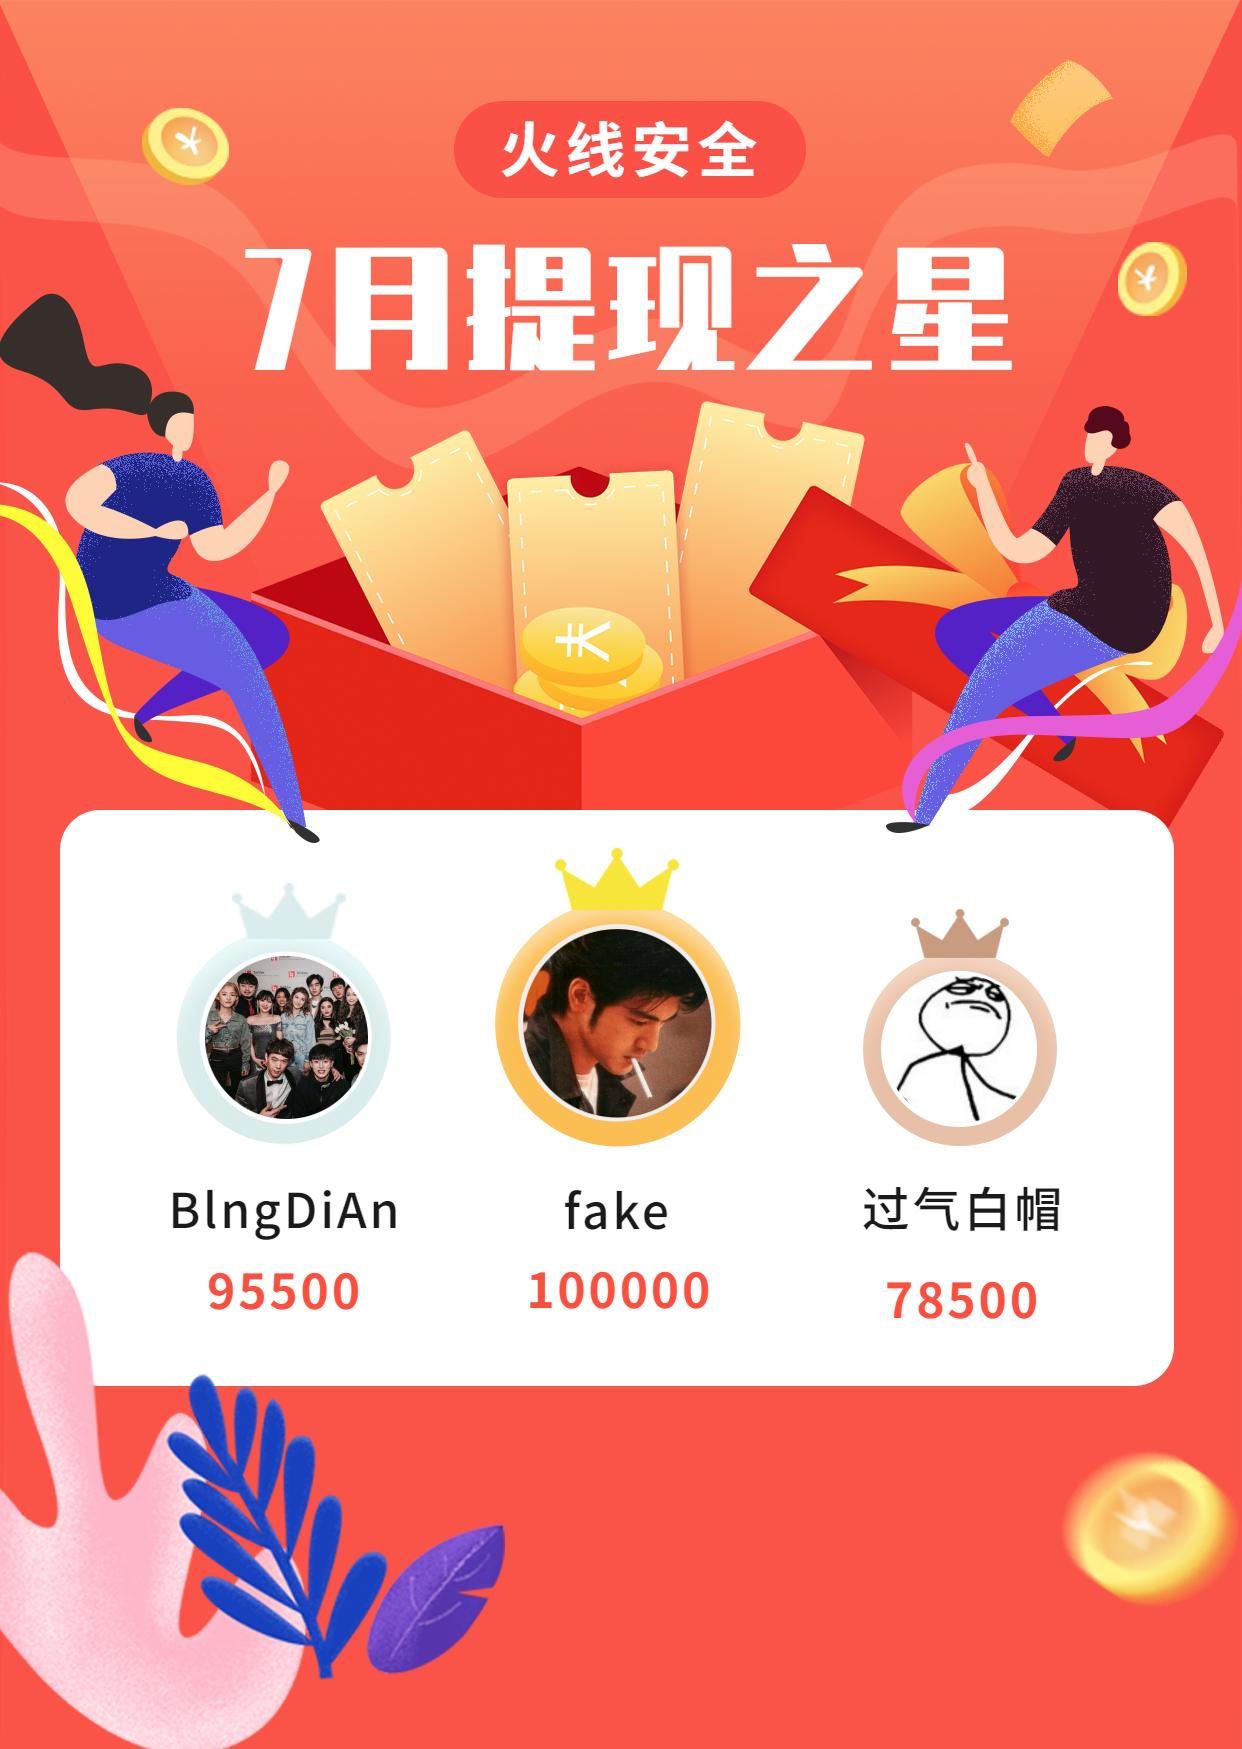 销售之星_扁平风_排行榜_手机海报 (2)